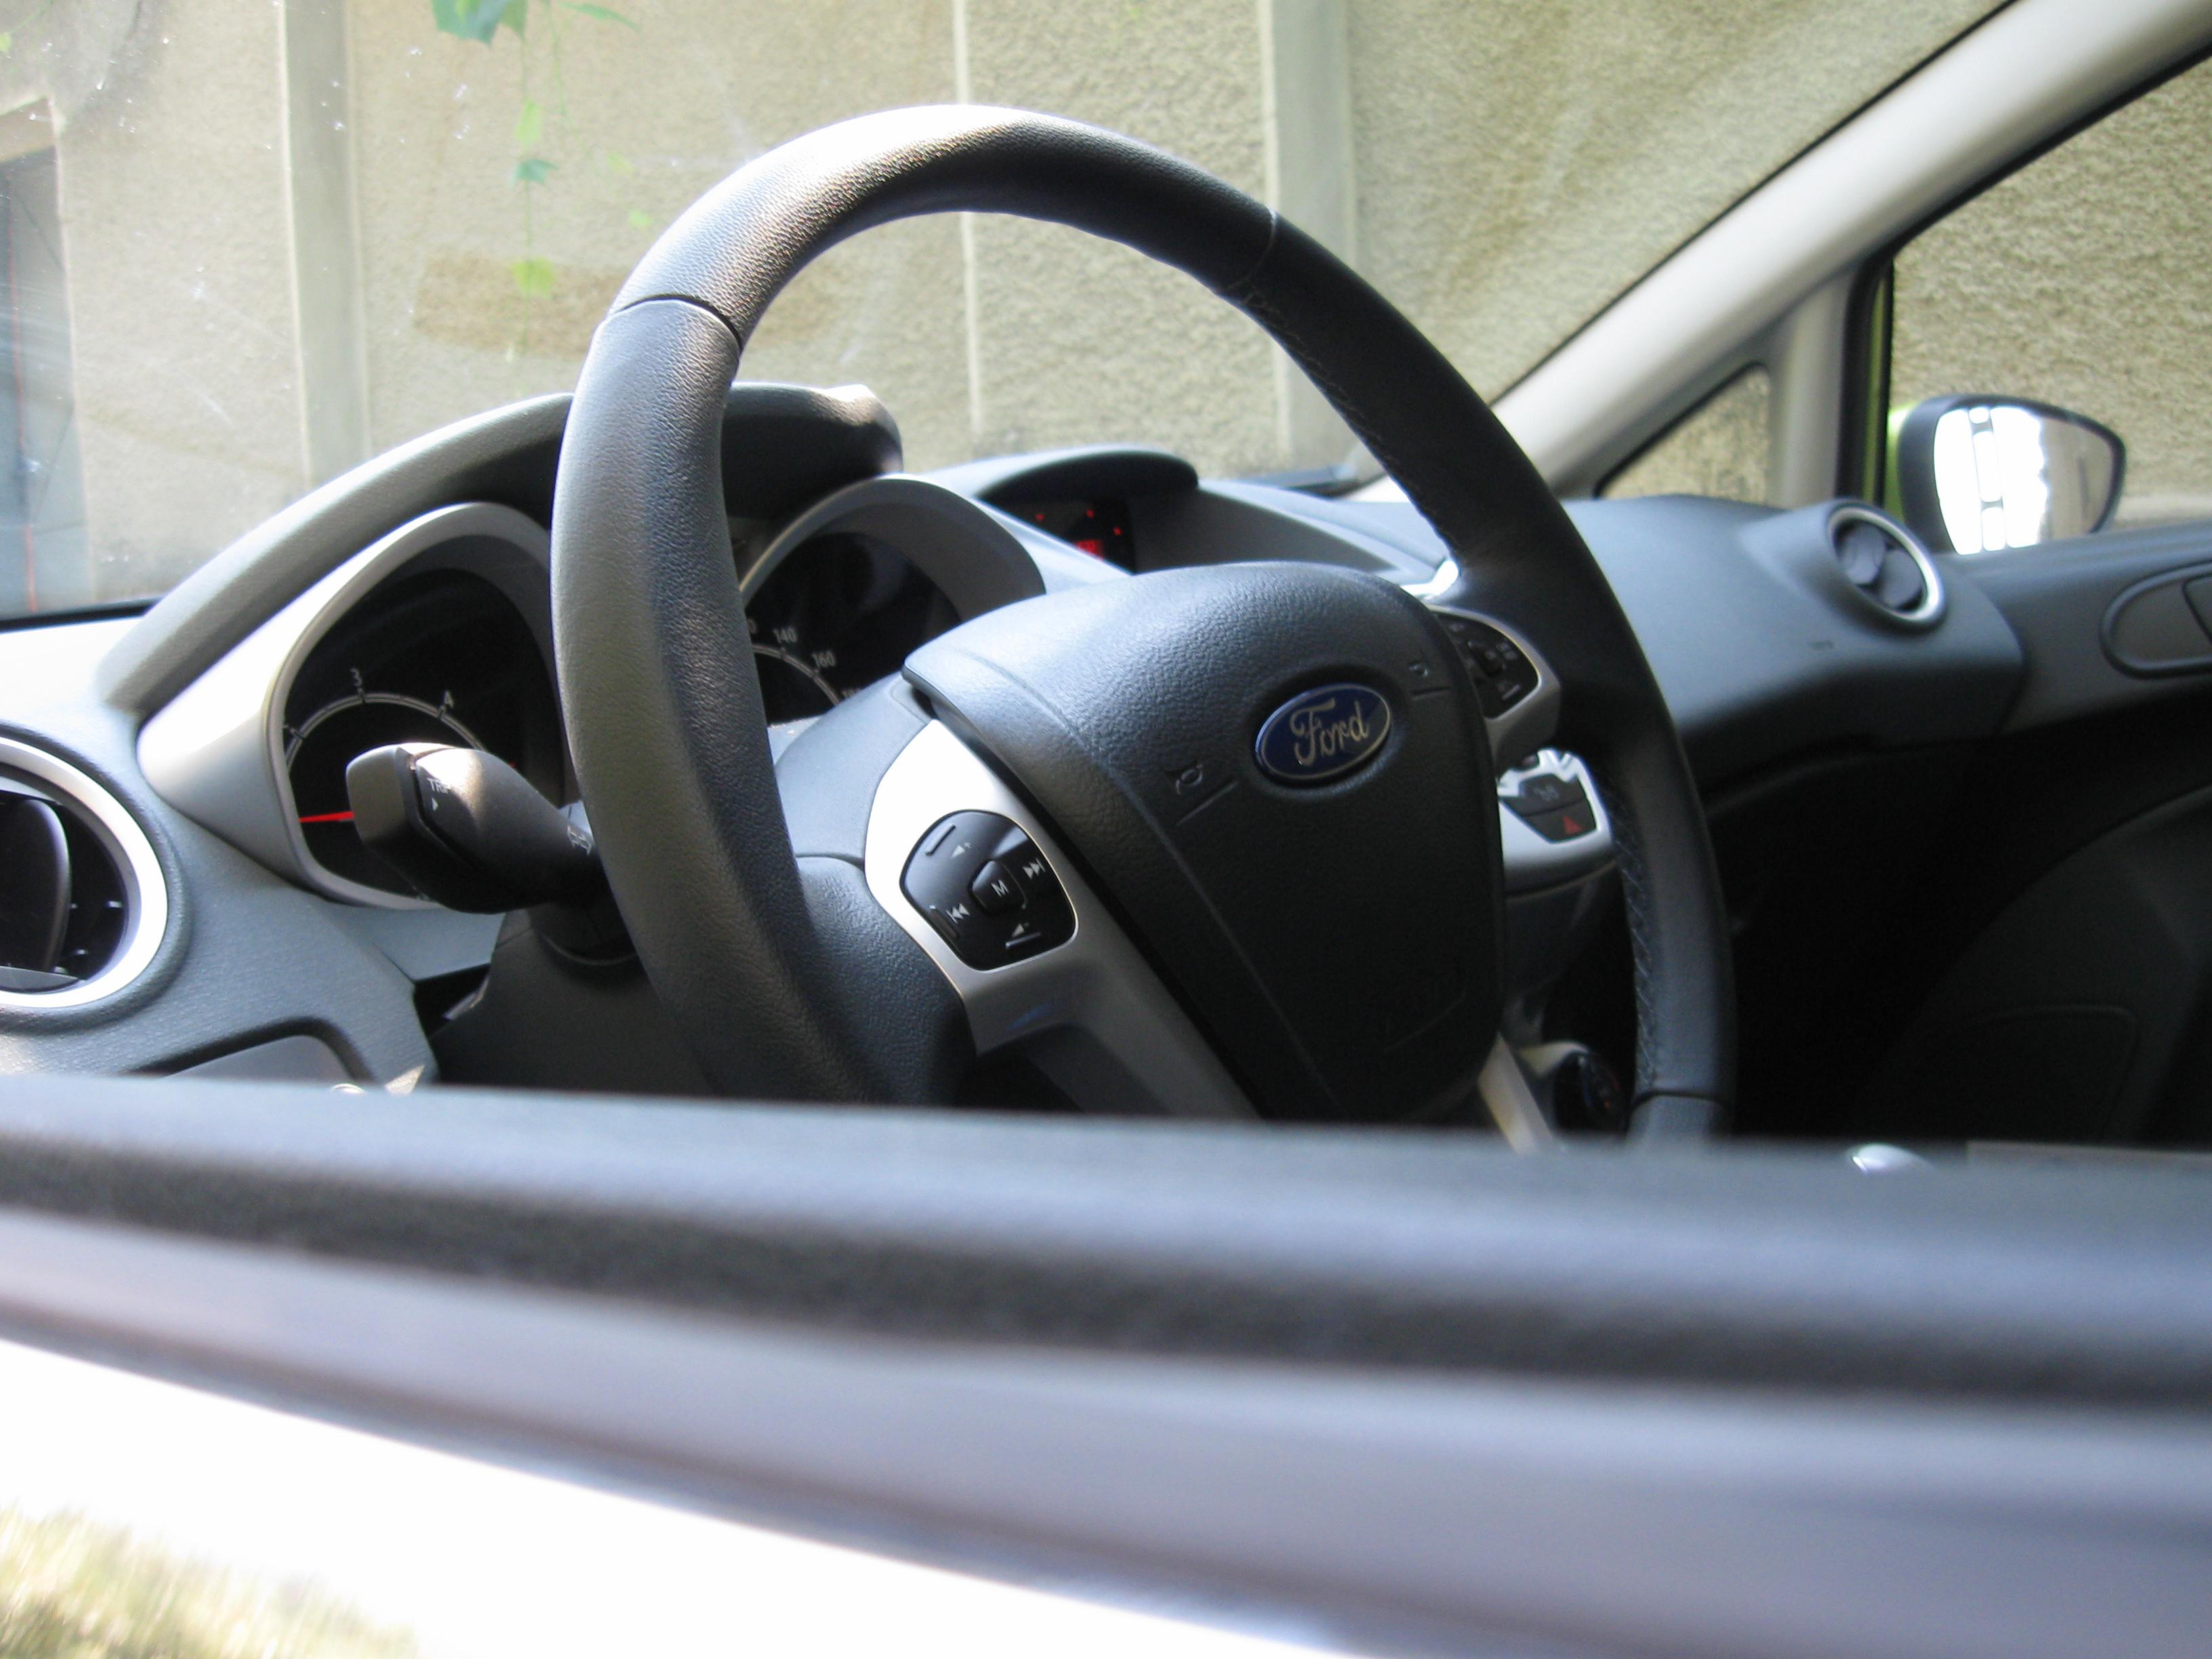 Ford Fiesta 2009 diesel (28)